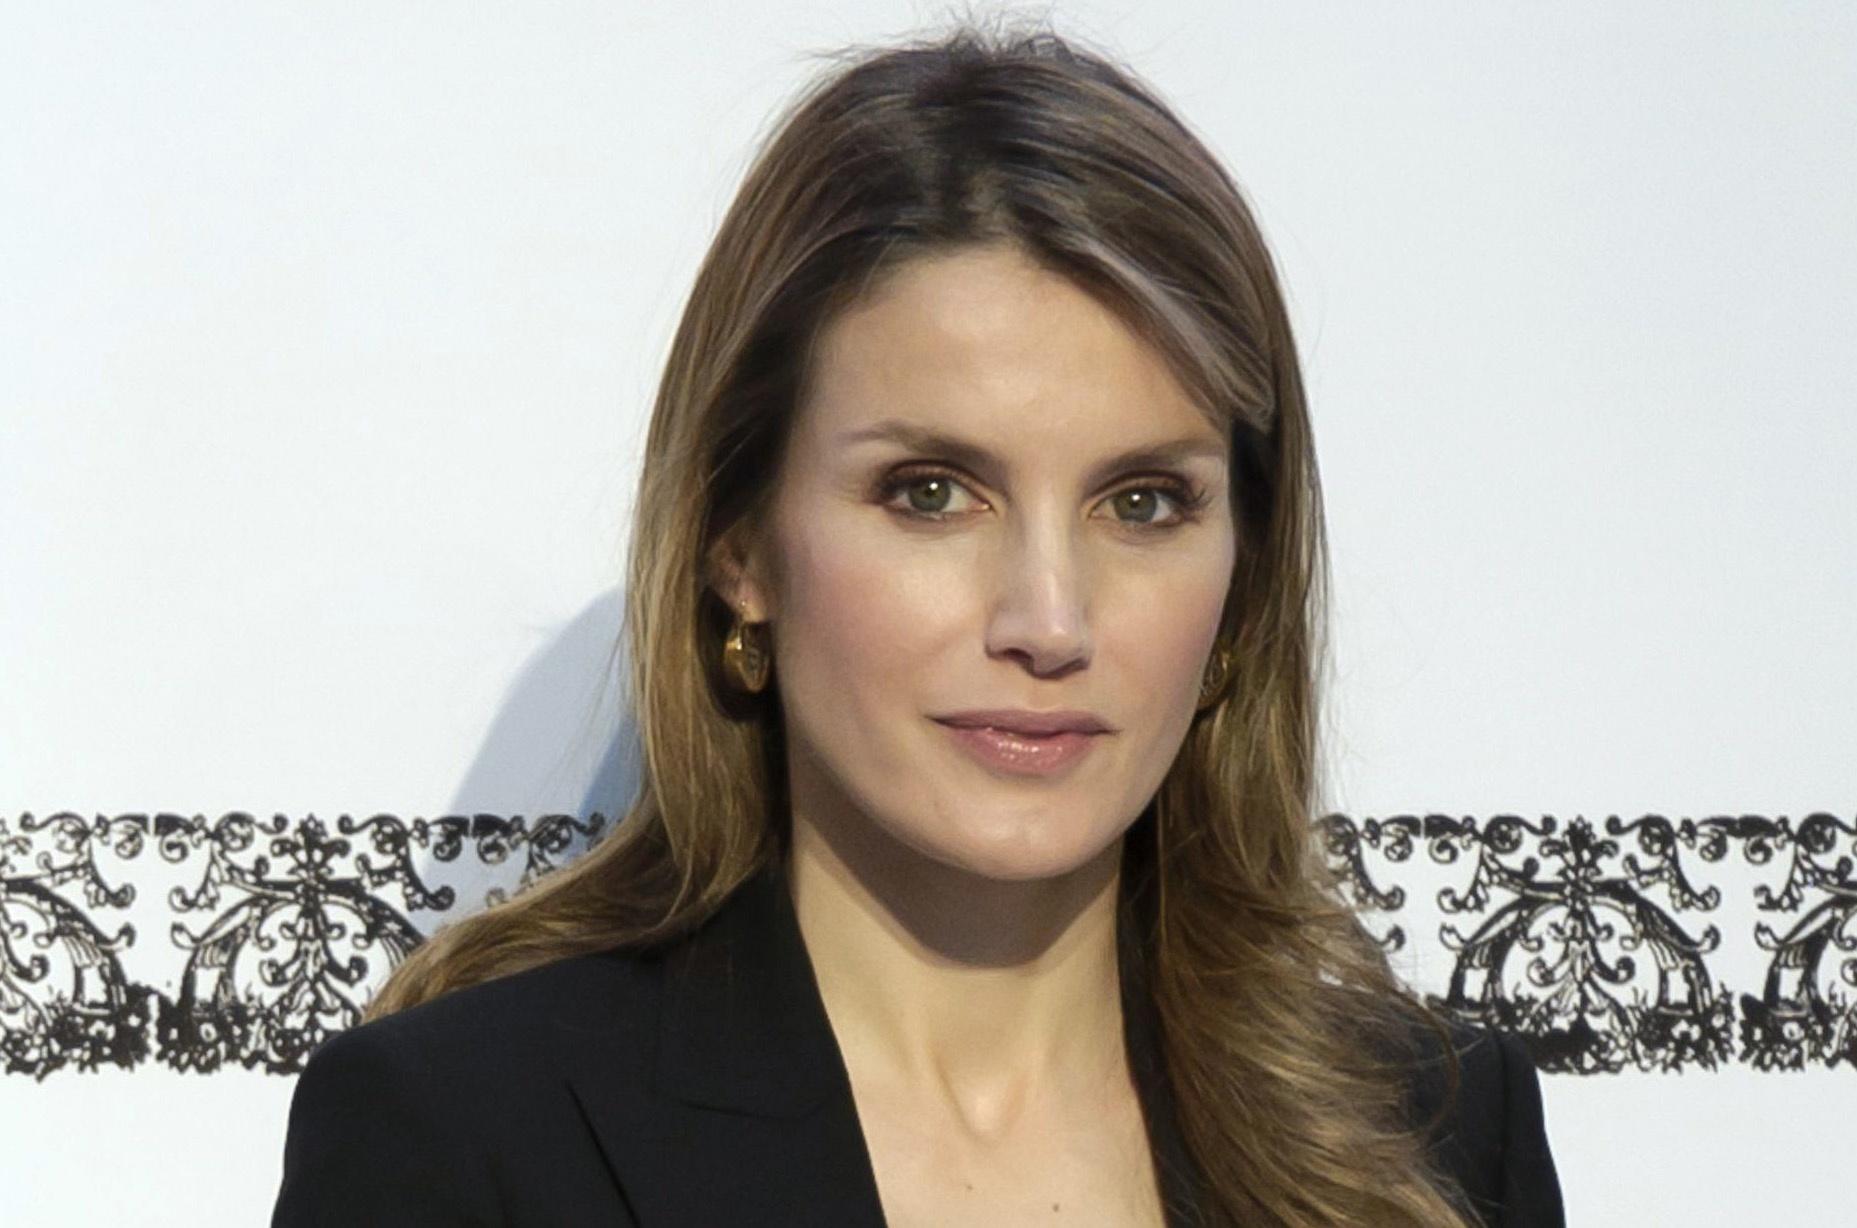 La Princesa de Asturias presidirá la ceremonia de entrega de los Premios Solidarios ONCE Asturias